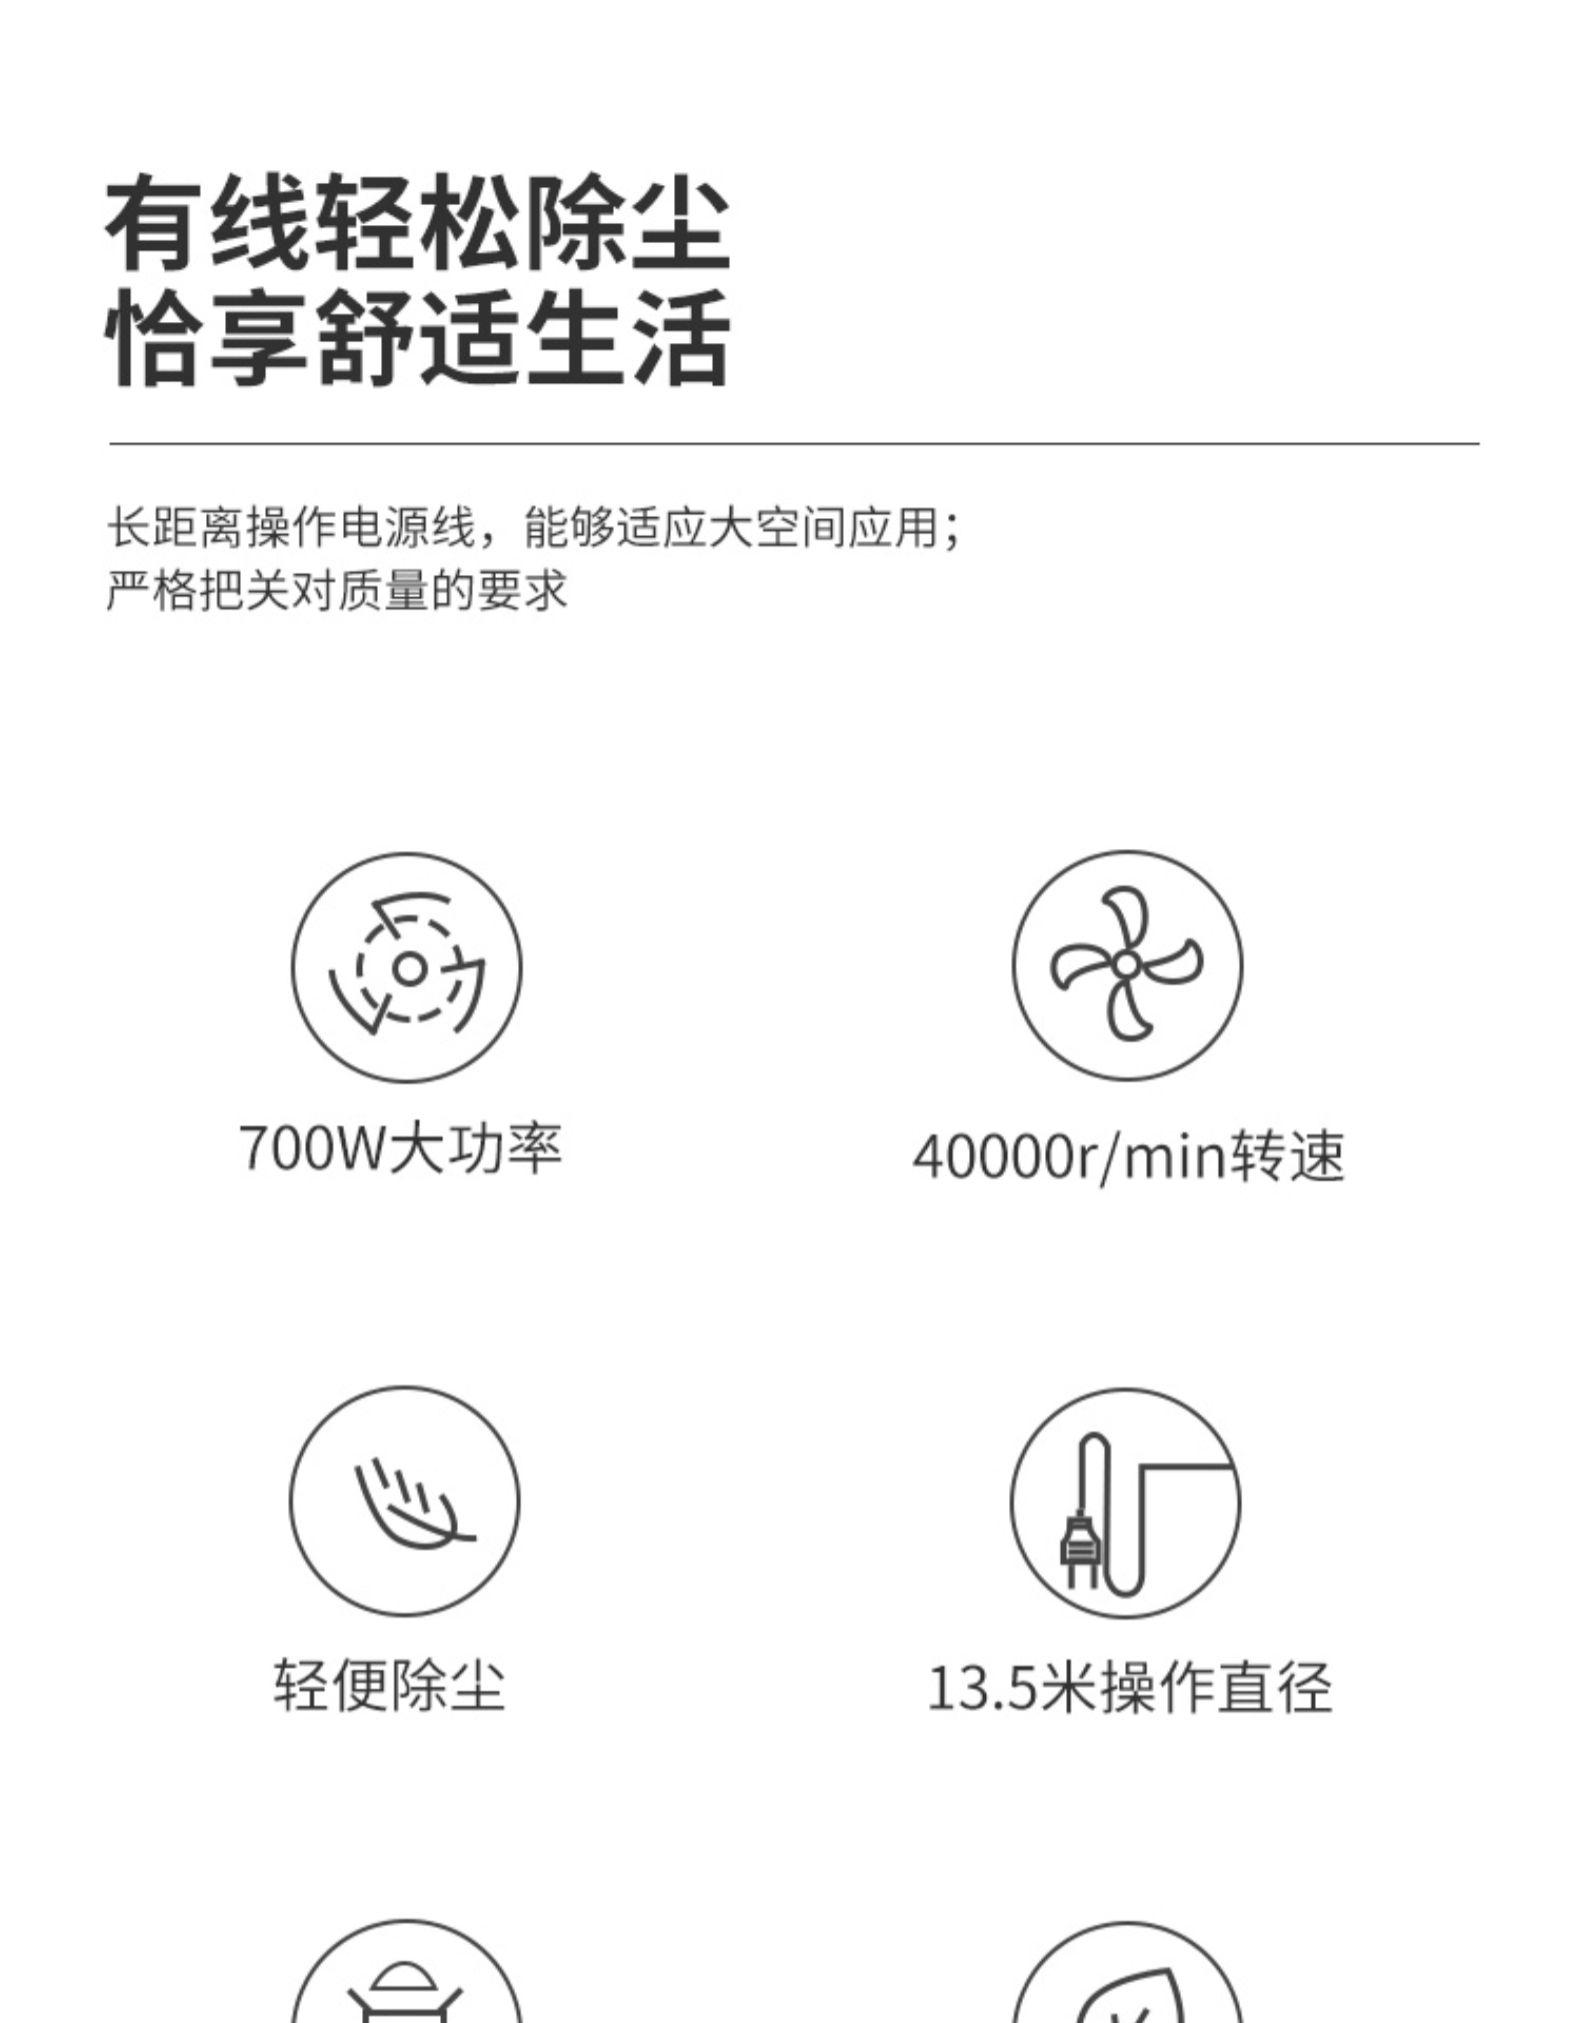 有线轻松除尘恰享舒适生活长距离操作电源线,能够适应大空间应用;严格把关对质量的要求700W大功率40000min转速轻便除尘13.5米操作直径-推好价 | 品质生活 精选好价